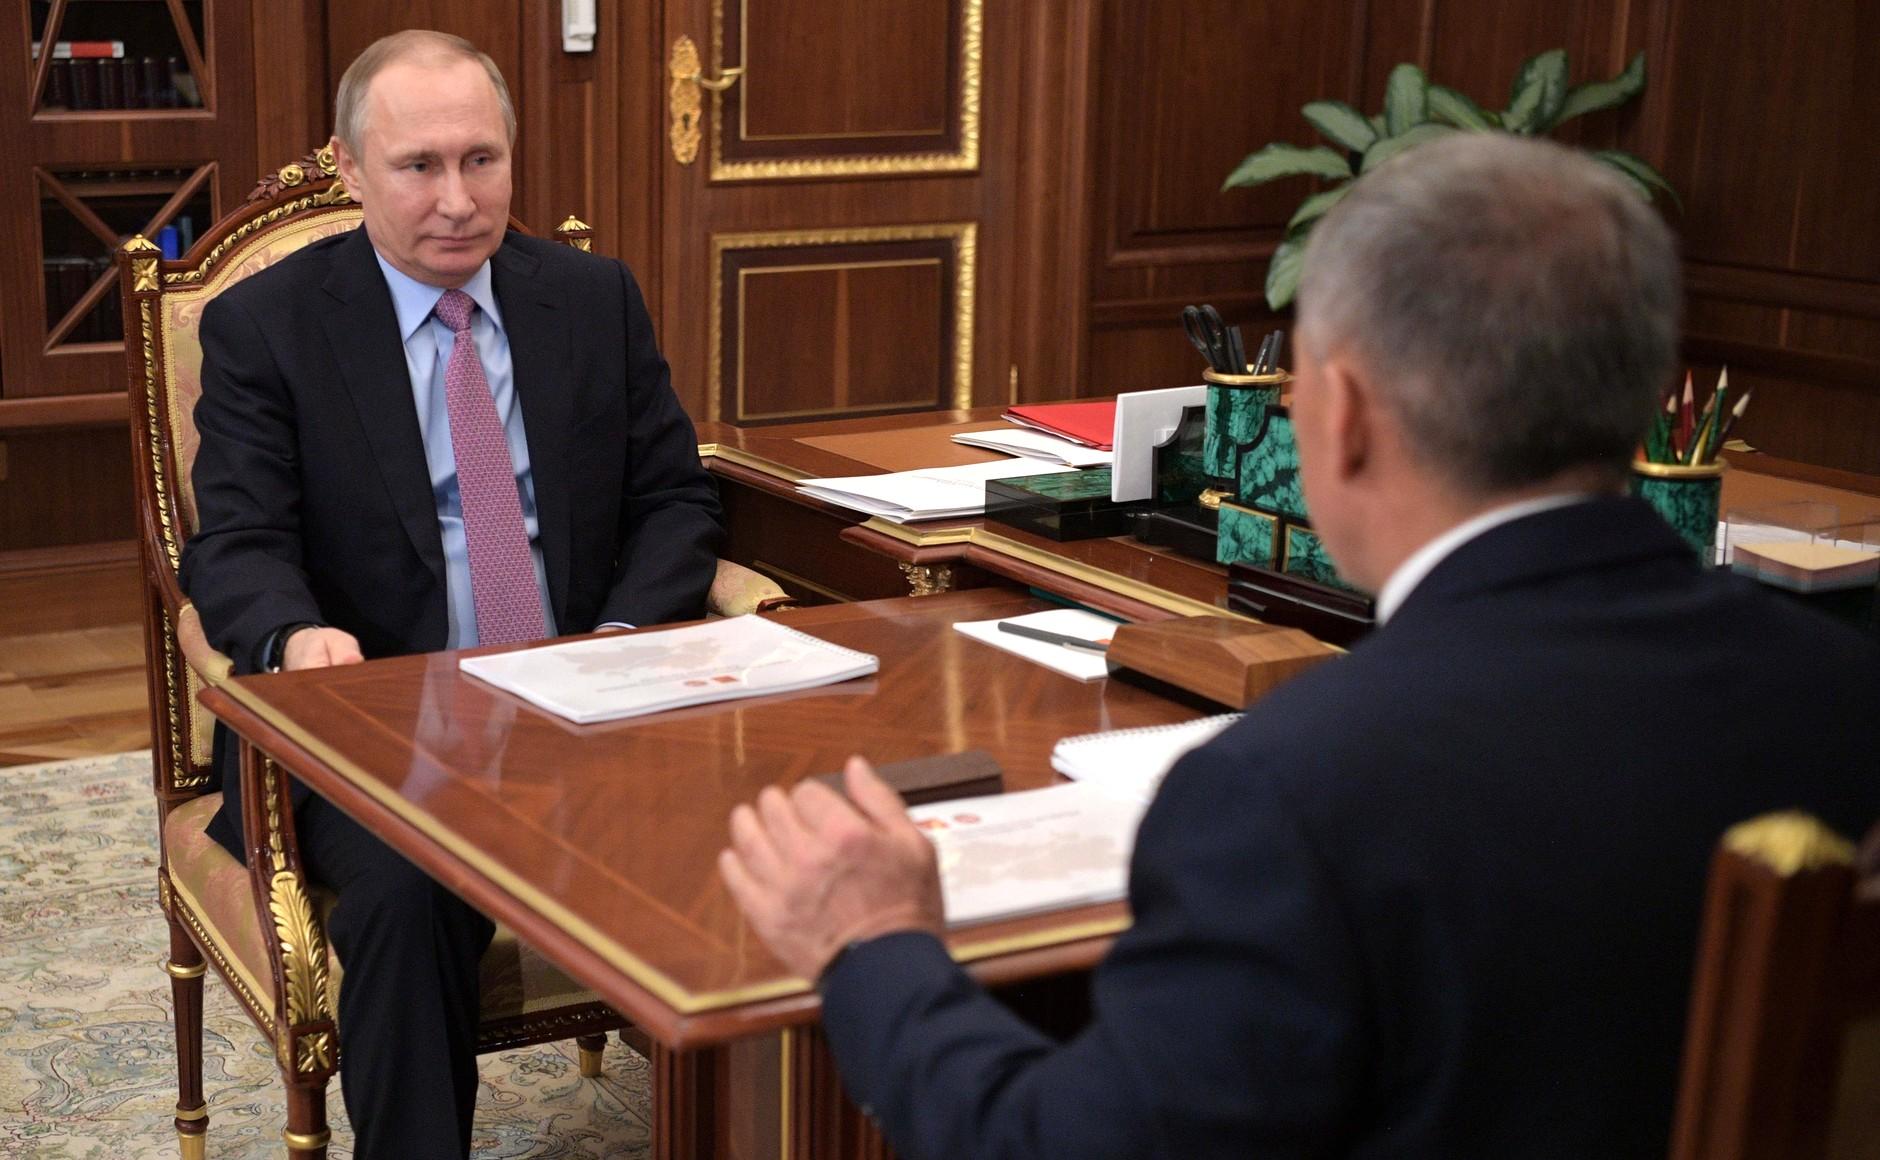 встреча минниханов путин кремль